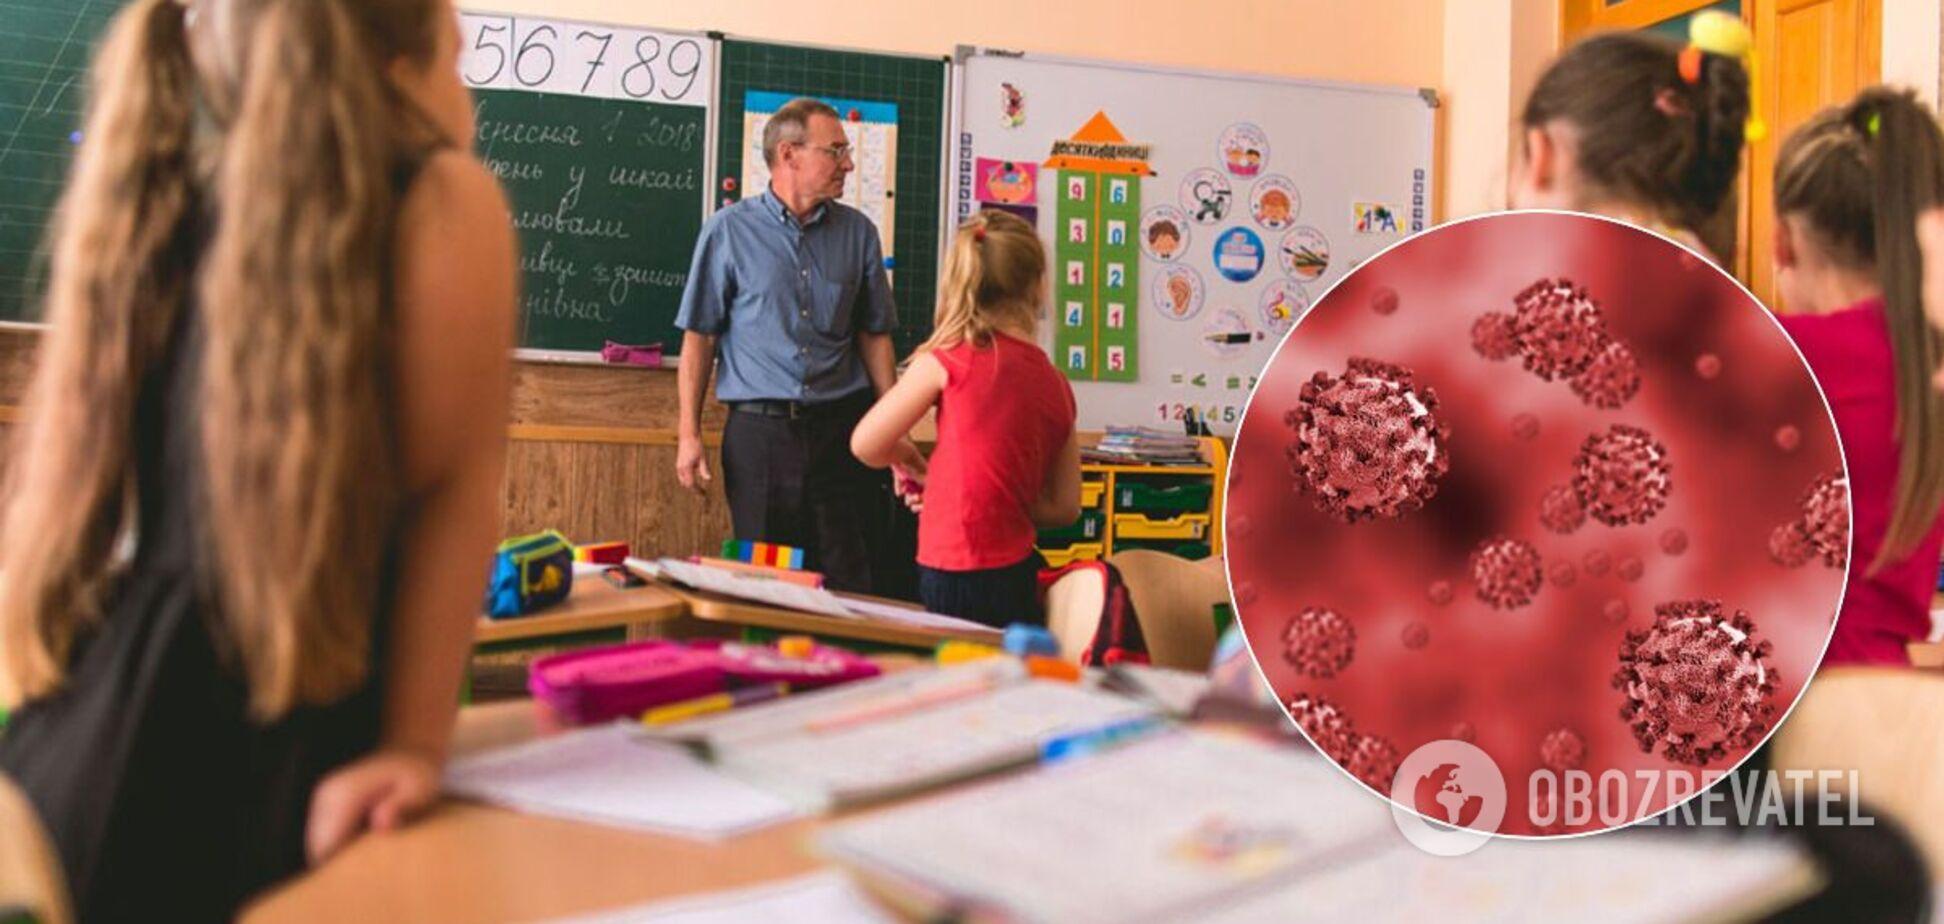 Противоэпидемические меры в школах изменили из-за коронавируса